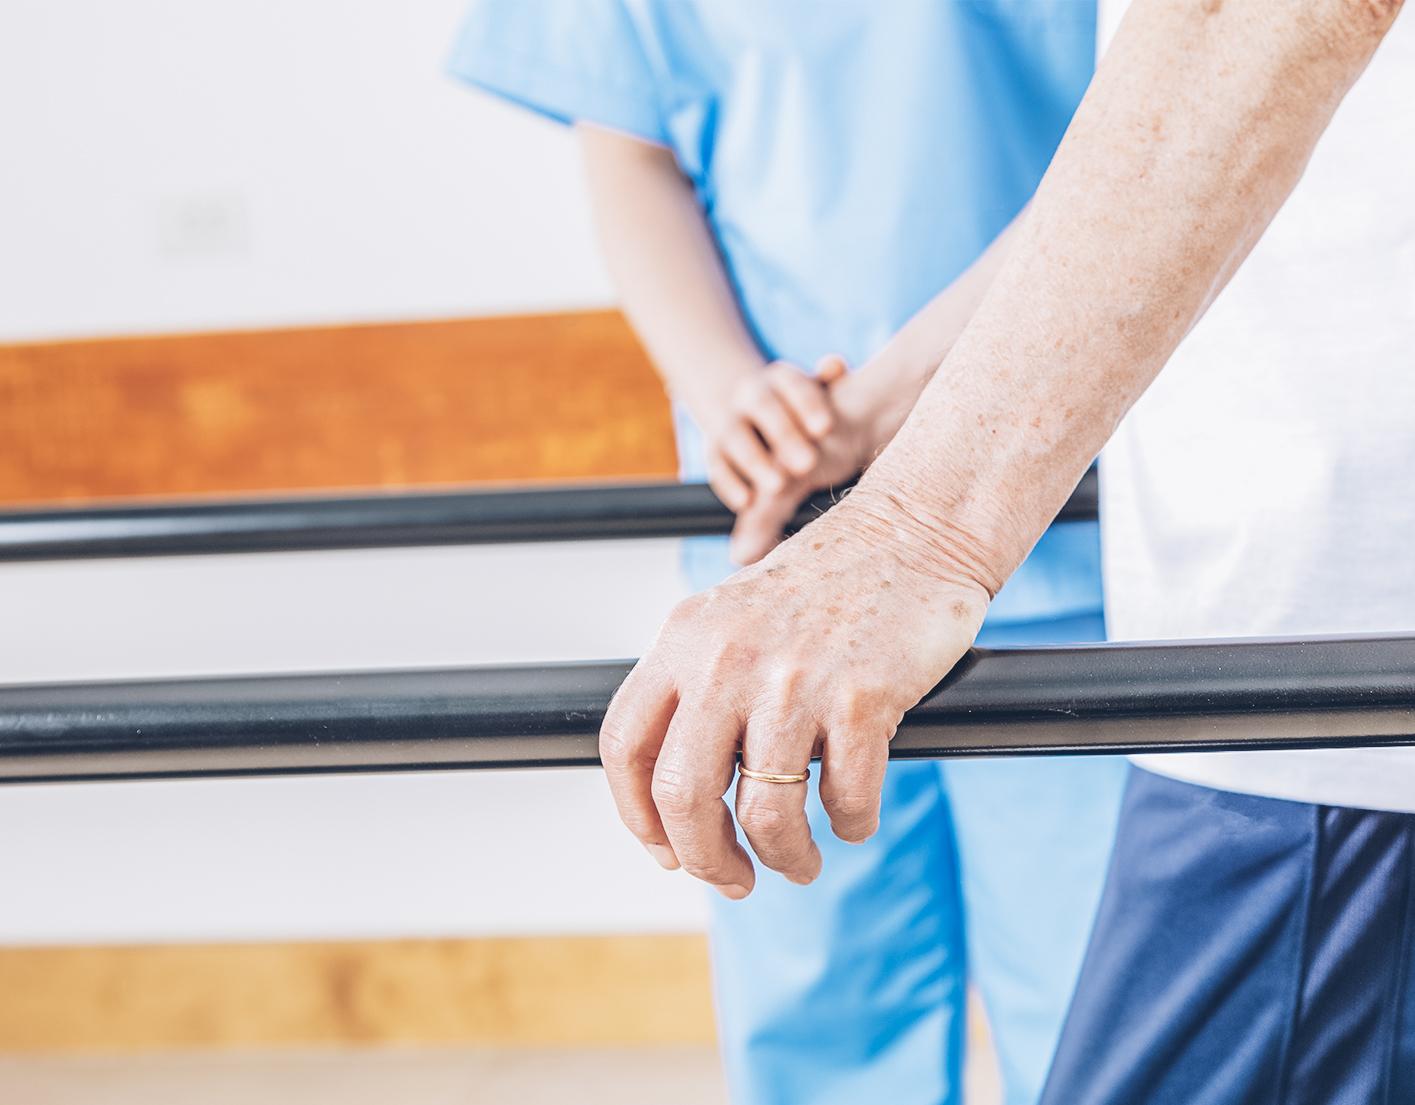 La rehabilitació mèdica com a causa de prescripció de reclamacions d'indemnització per danys físics